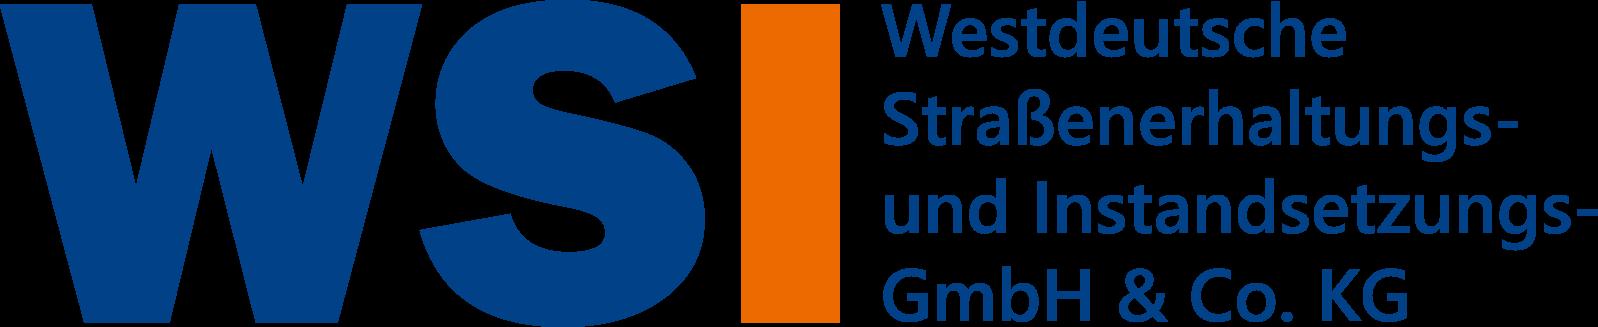 Westdeutsche Straßenerhaltungs- und Instandsetzungs- GmbH & Co. KG